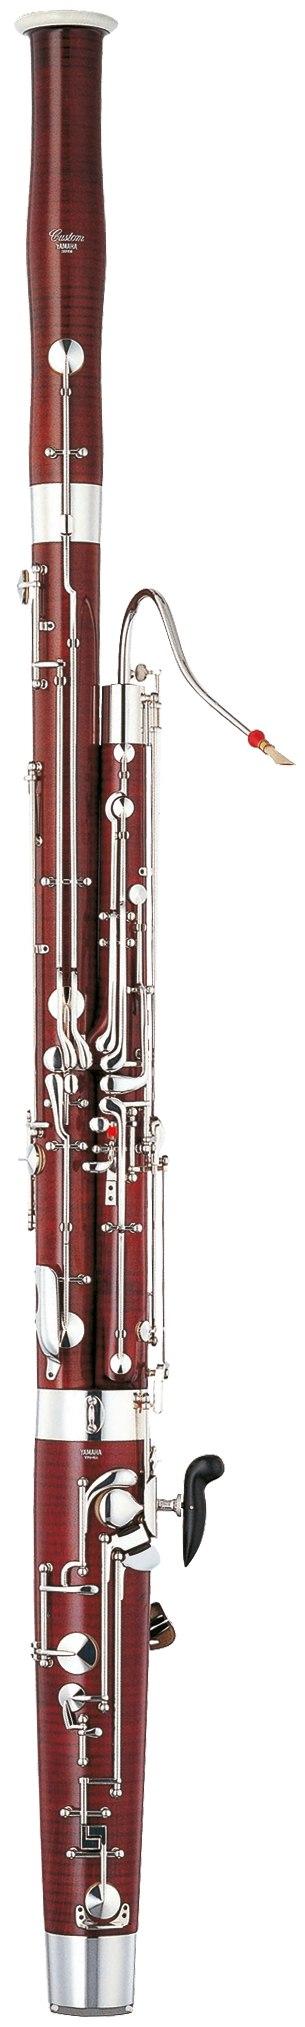 Yamaha Bassoon YFG-812 II.tif